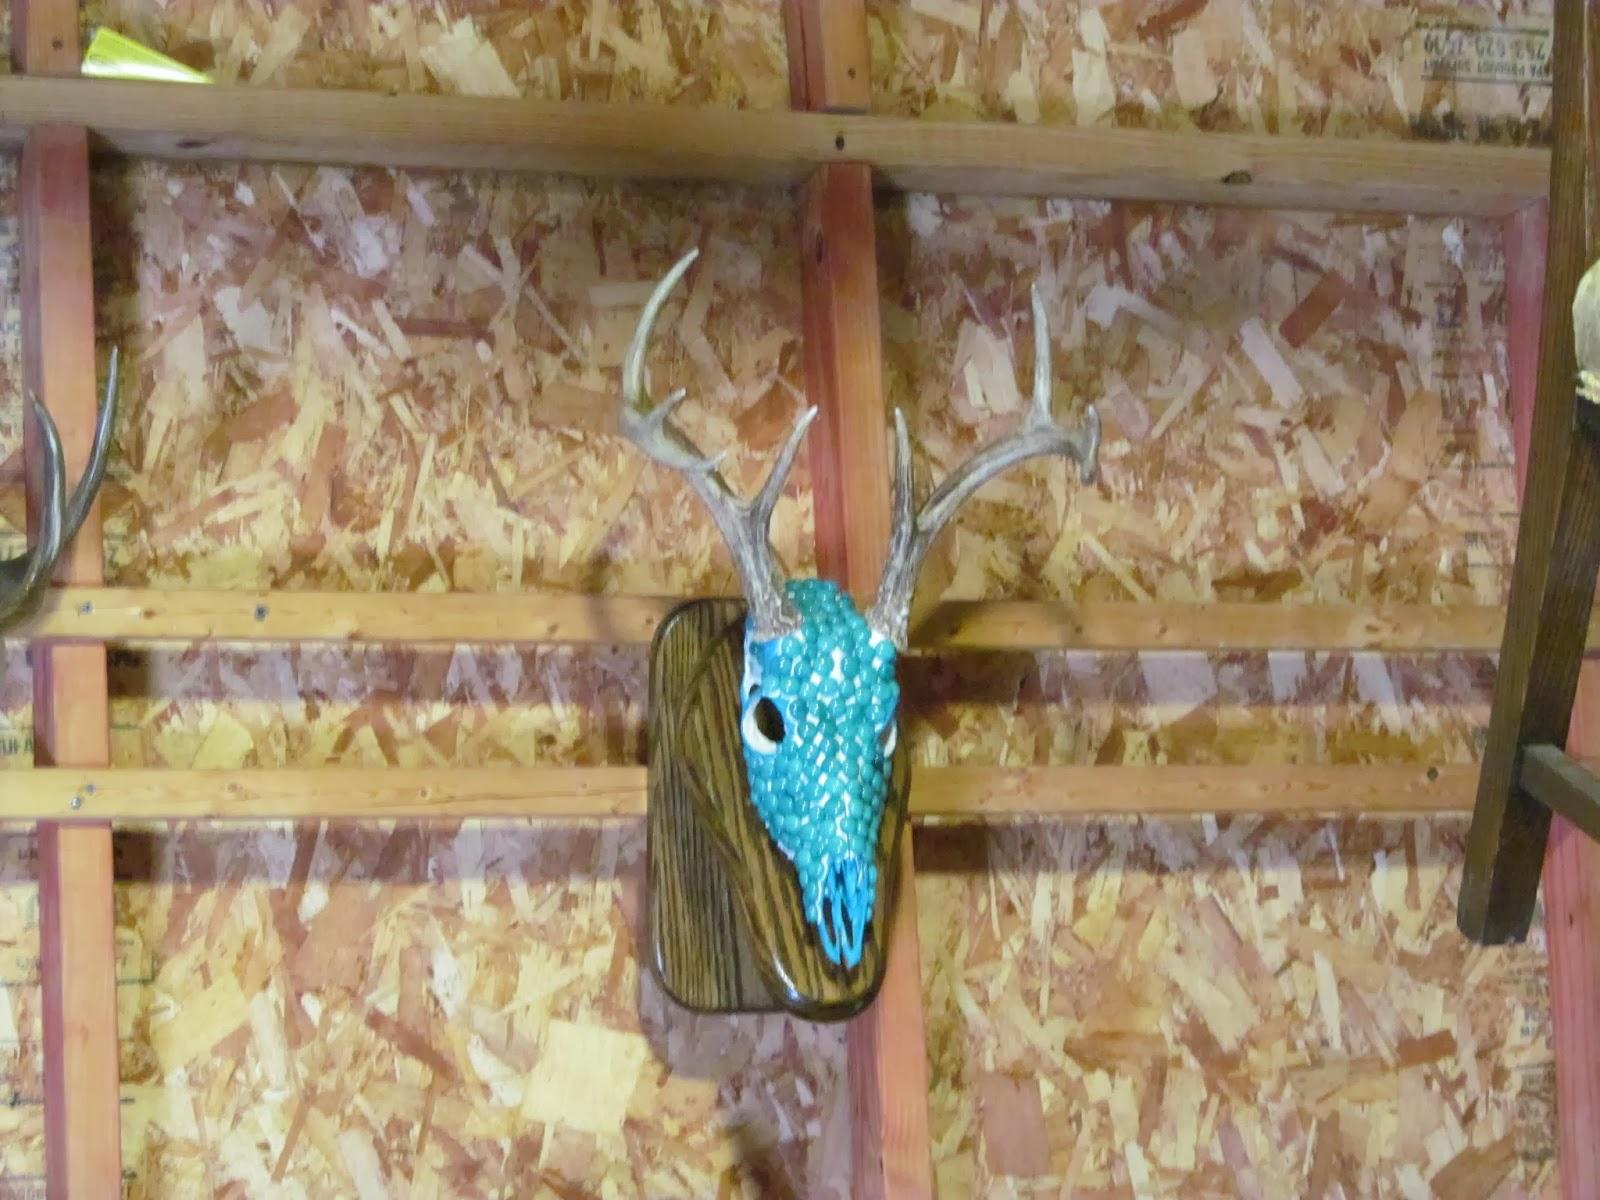 blue stone-studded steer skull with horns